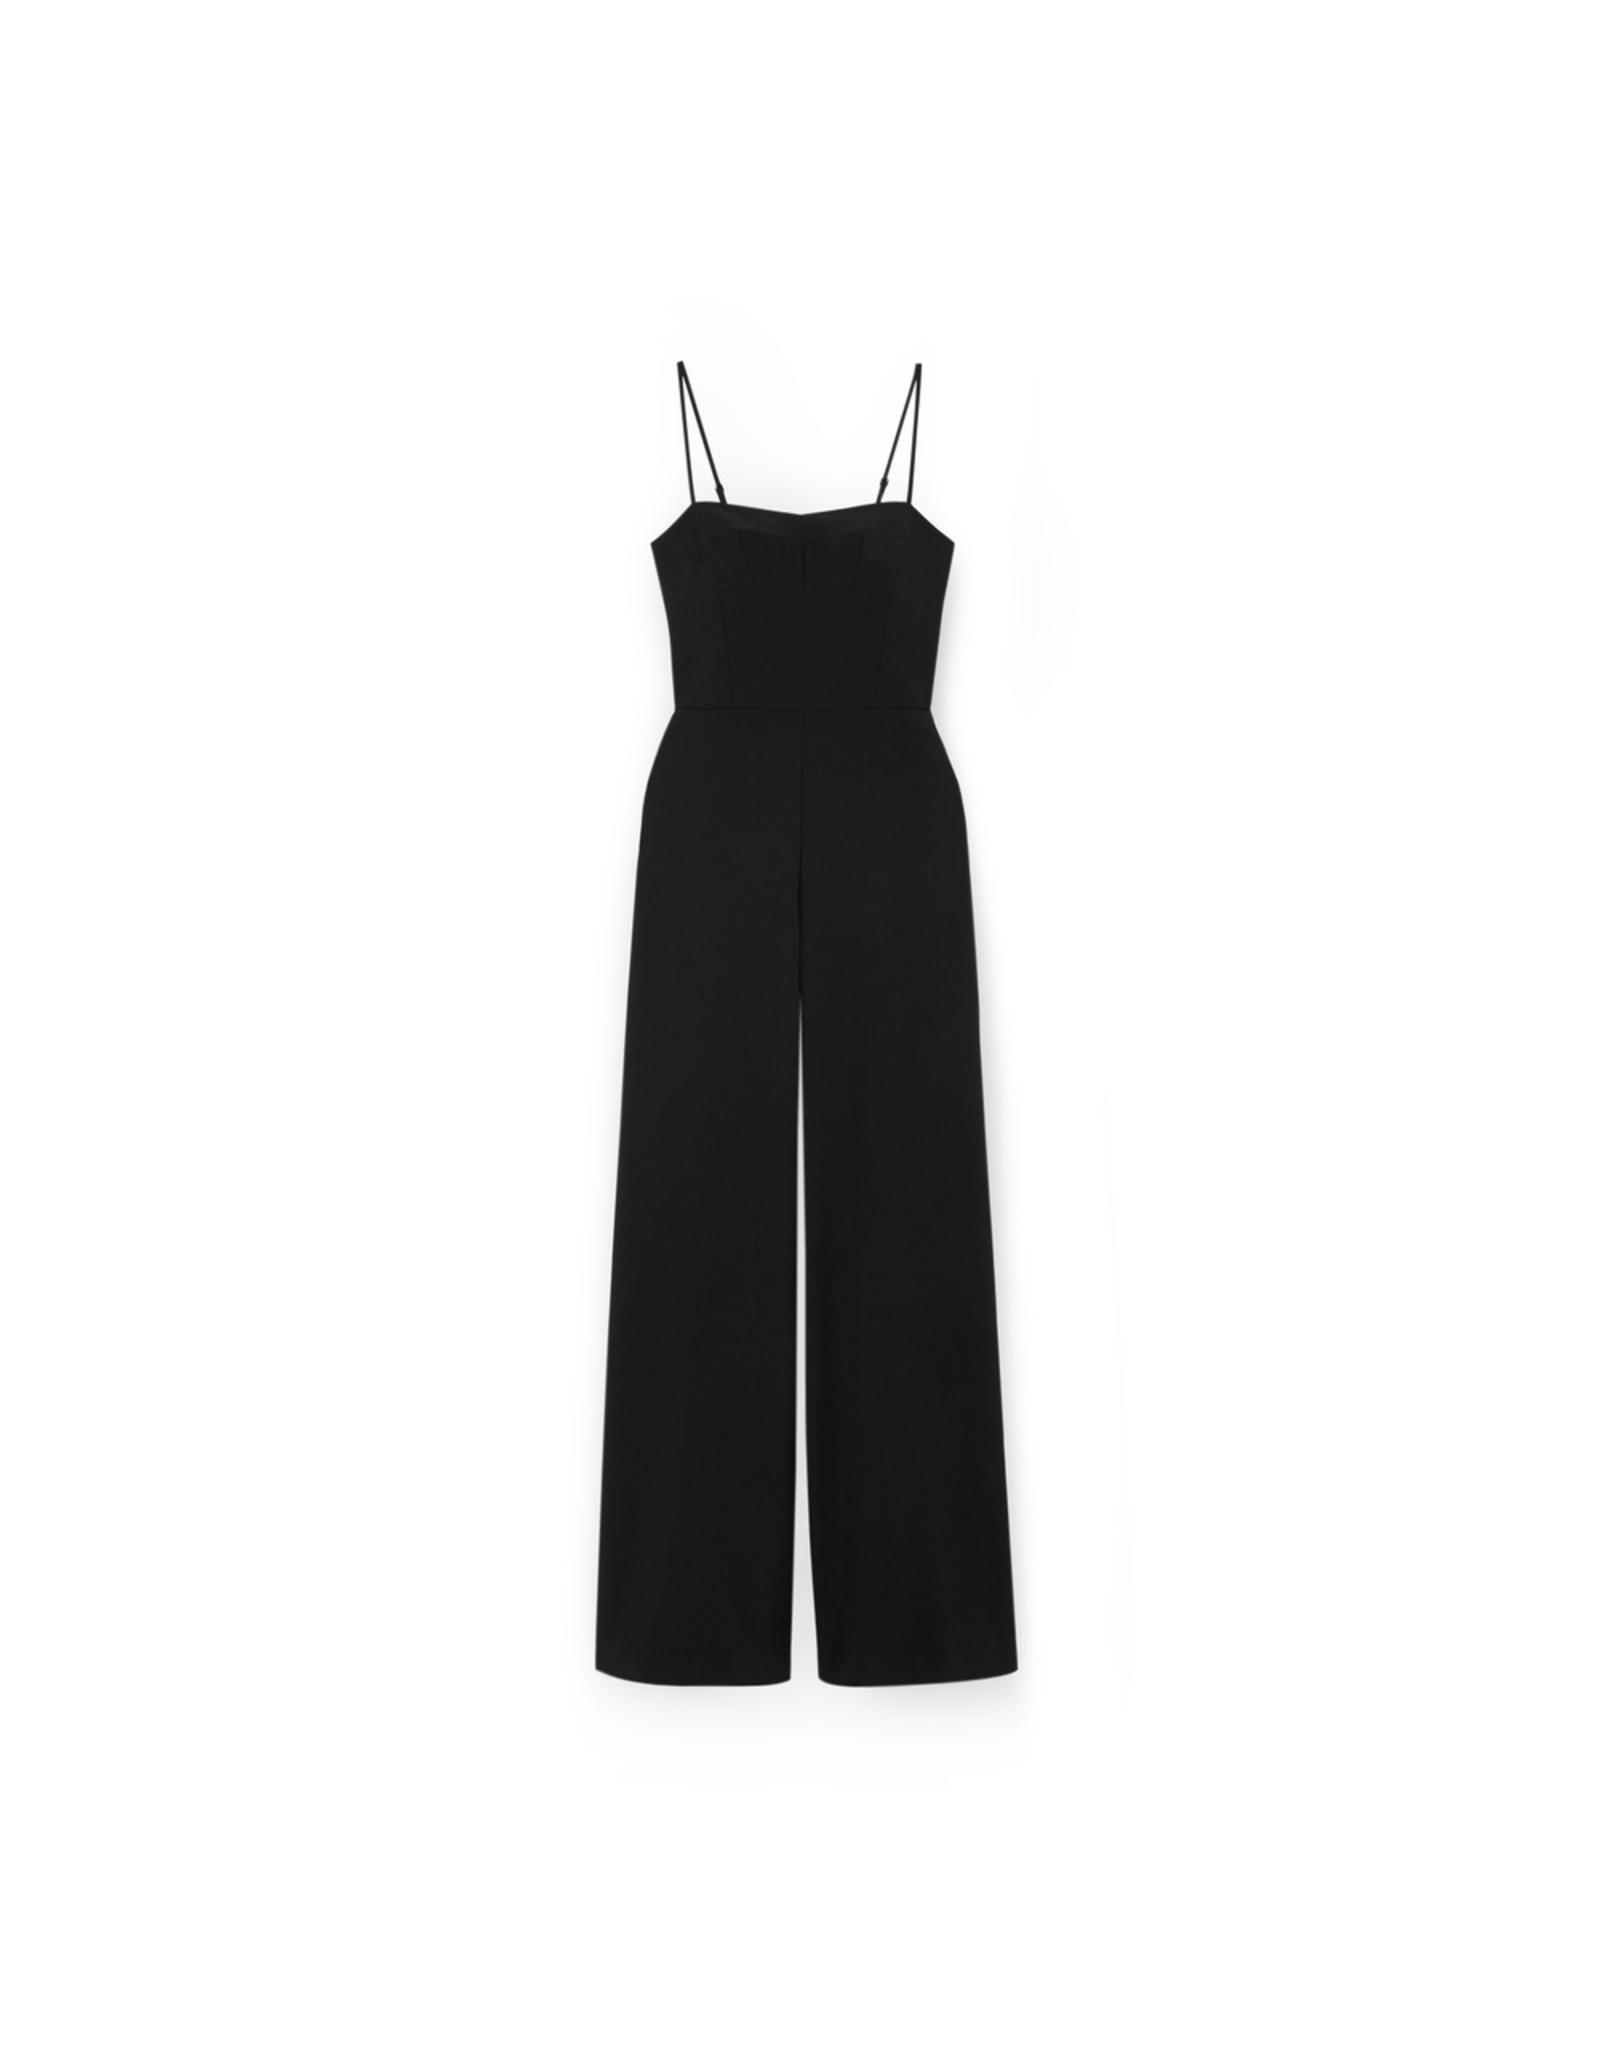 G. Label Brianna Bustier Jumpsuit (Color: Black, Size 8)